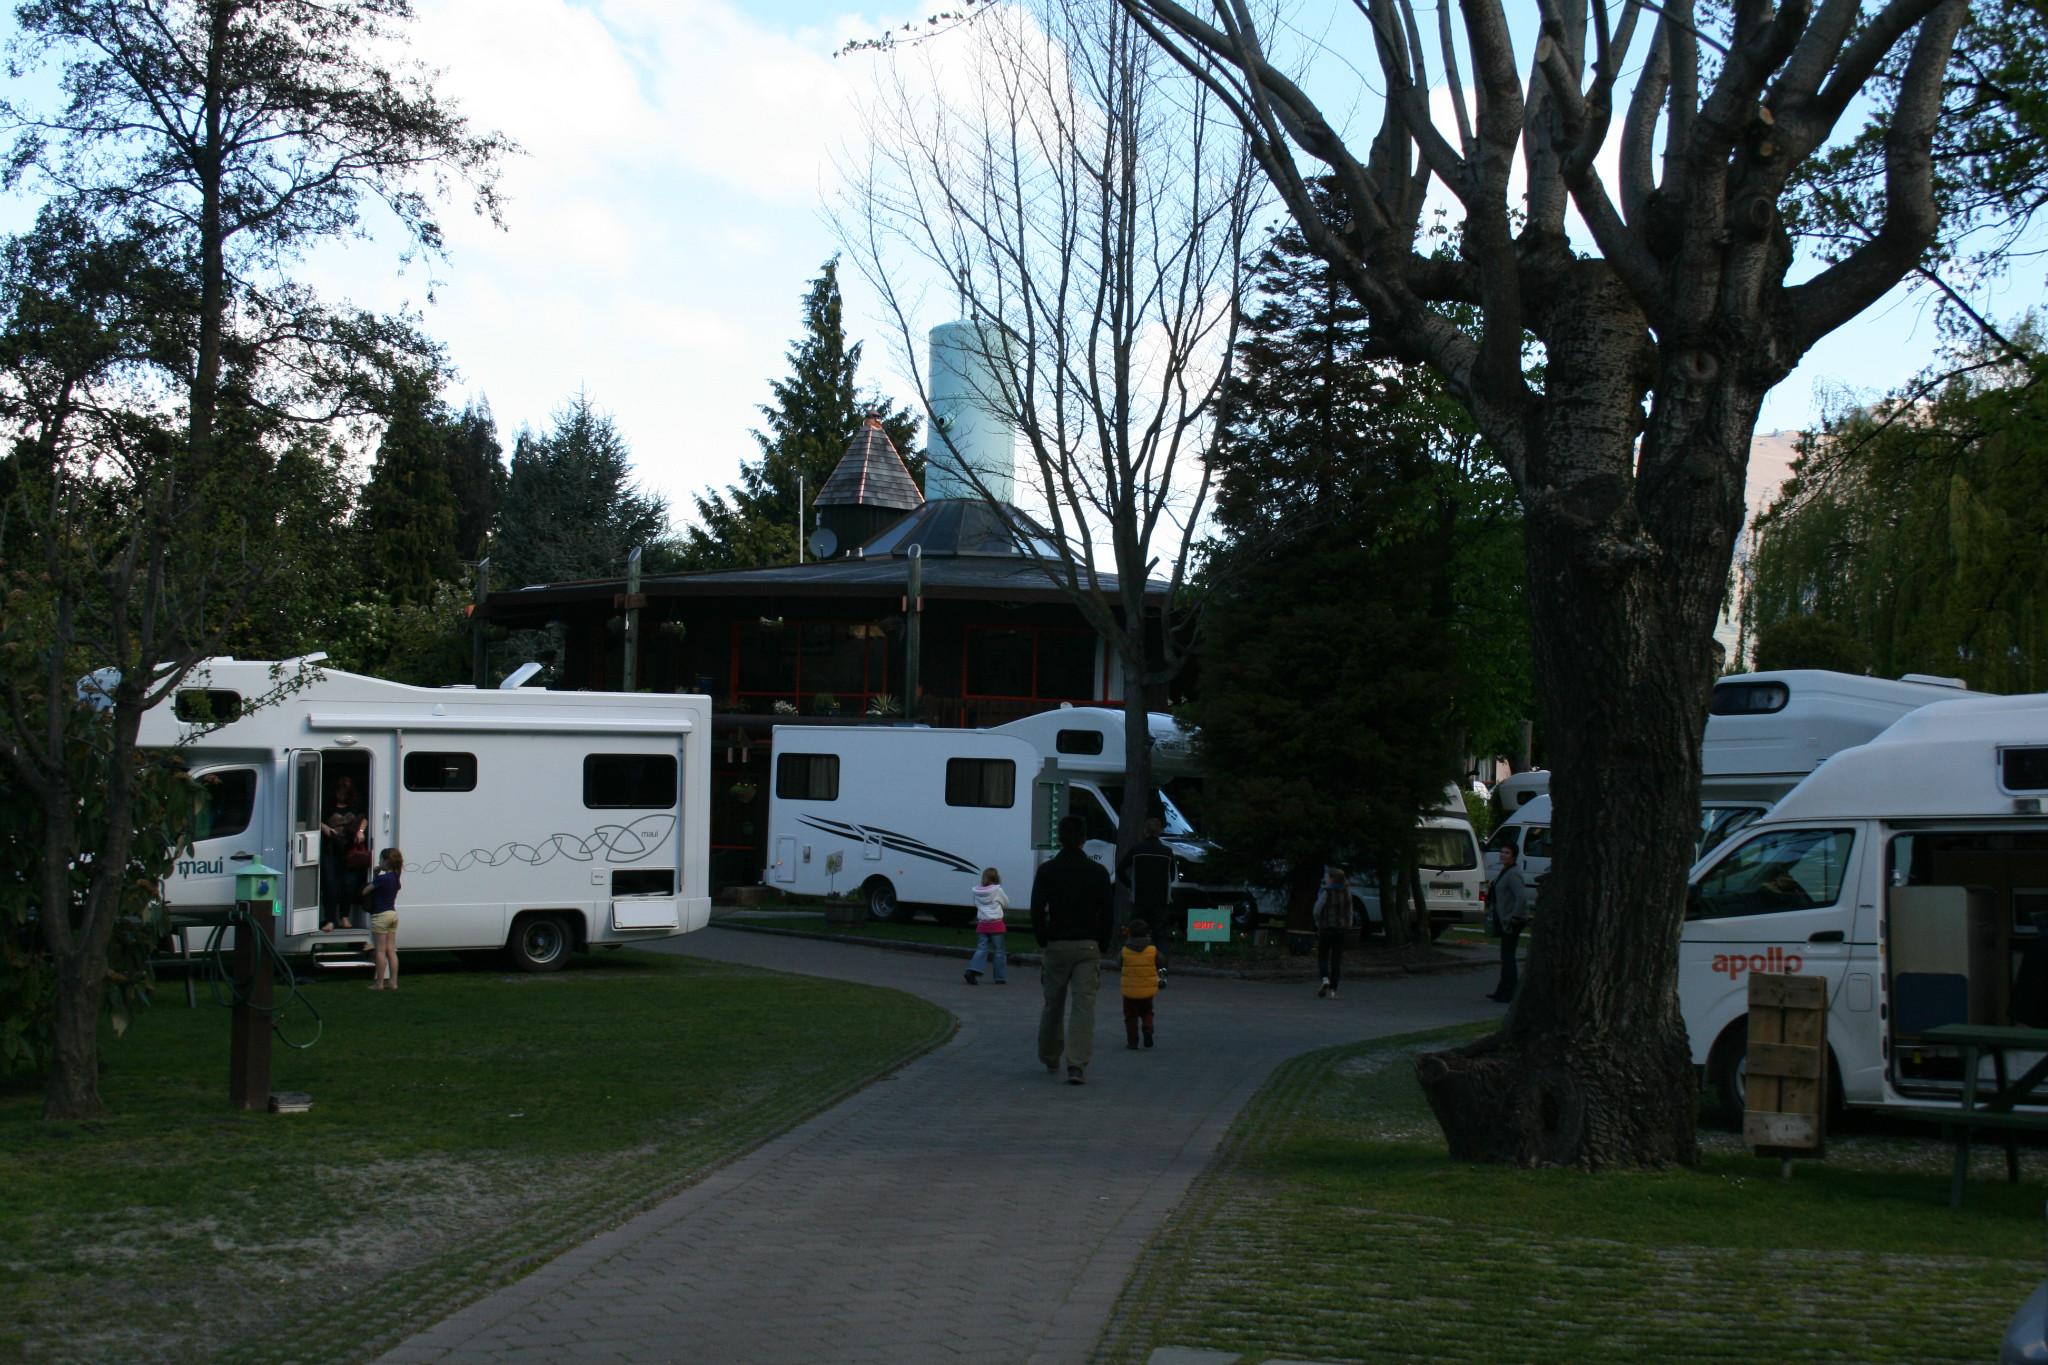 旅游房车营地,好多房车,本来我们也有意玩一次房车的,下次吧.